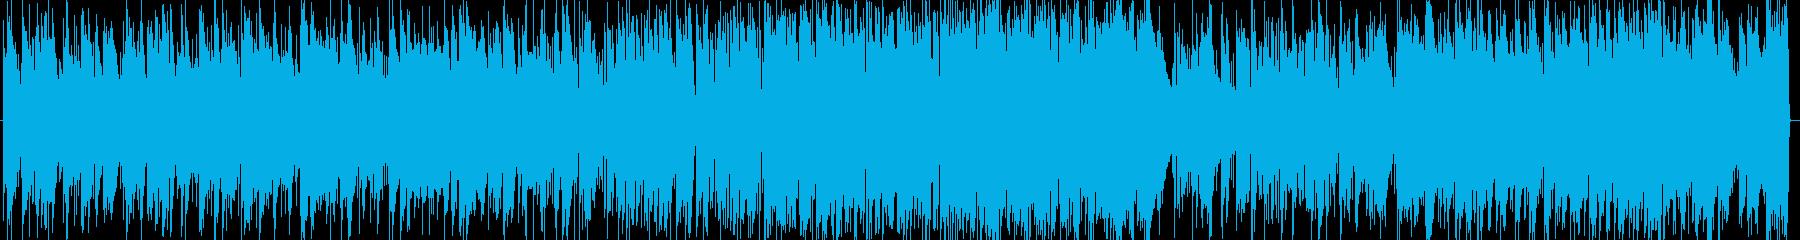 モルダウのジャズピアノの再生済みの波形